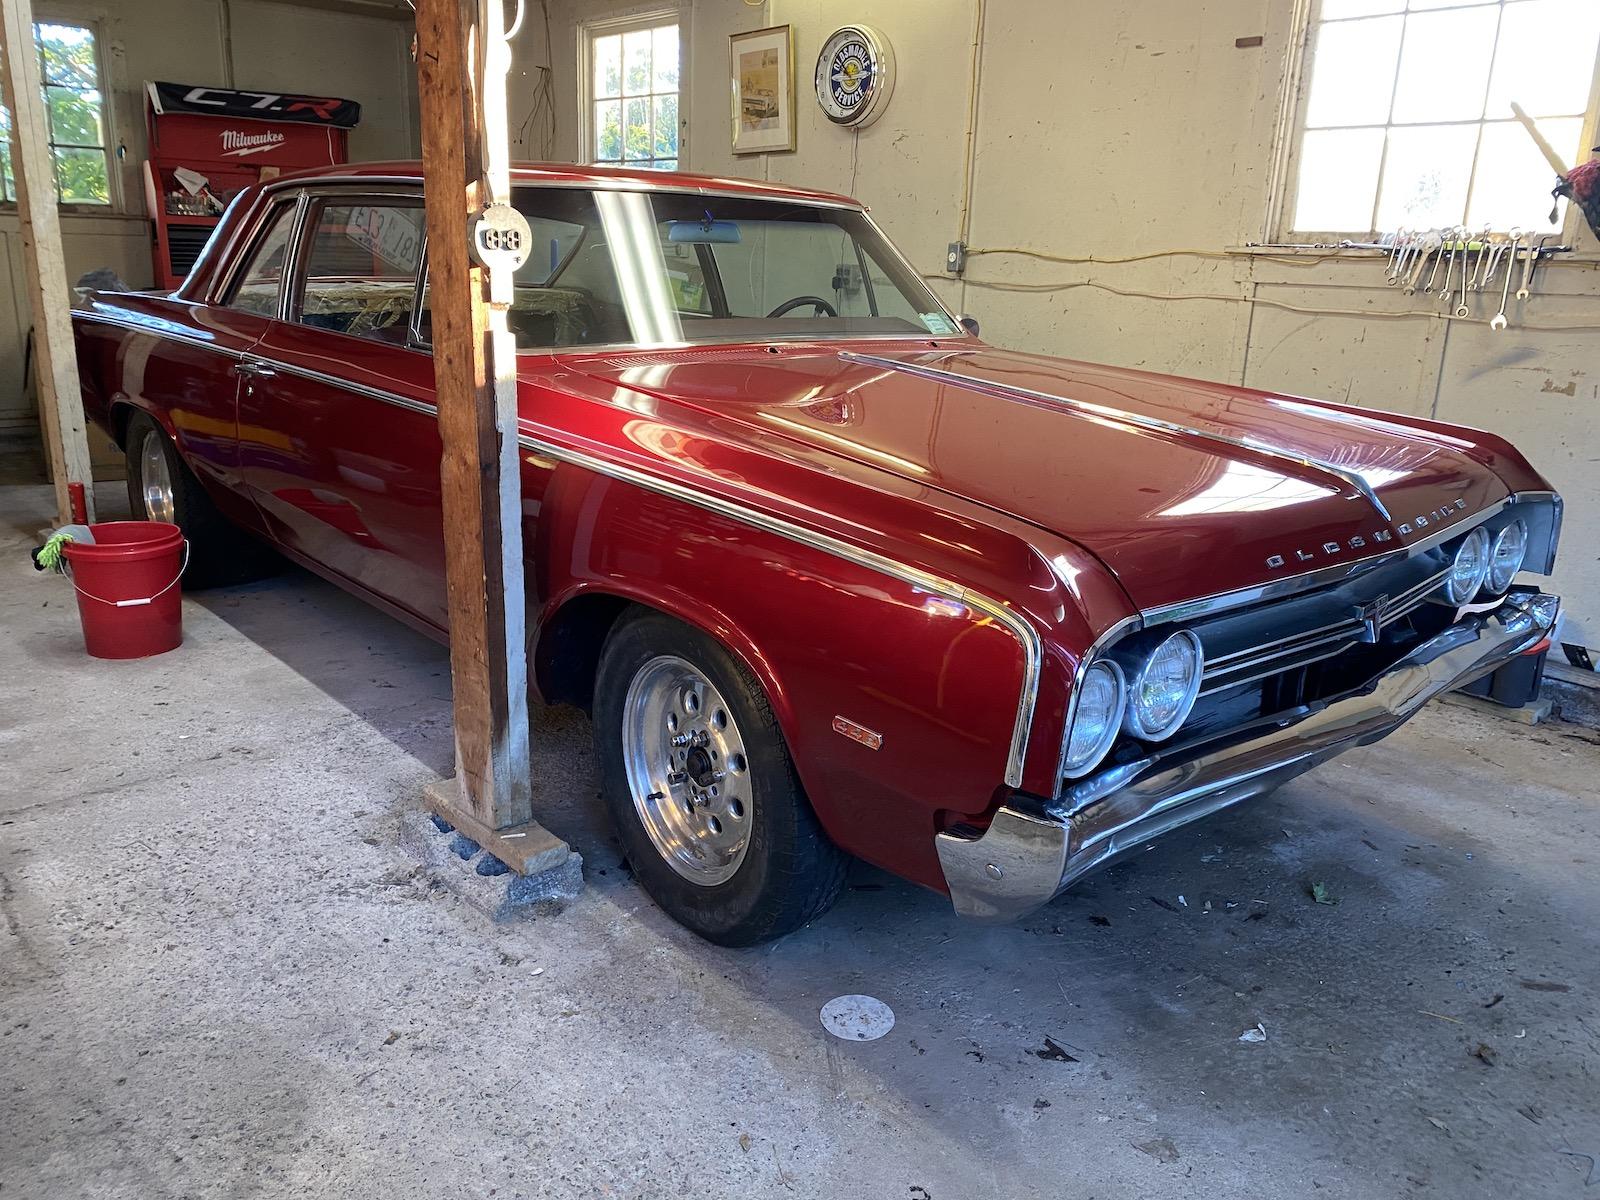 1964 oldsmobile f-85 in garage